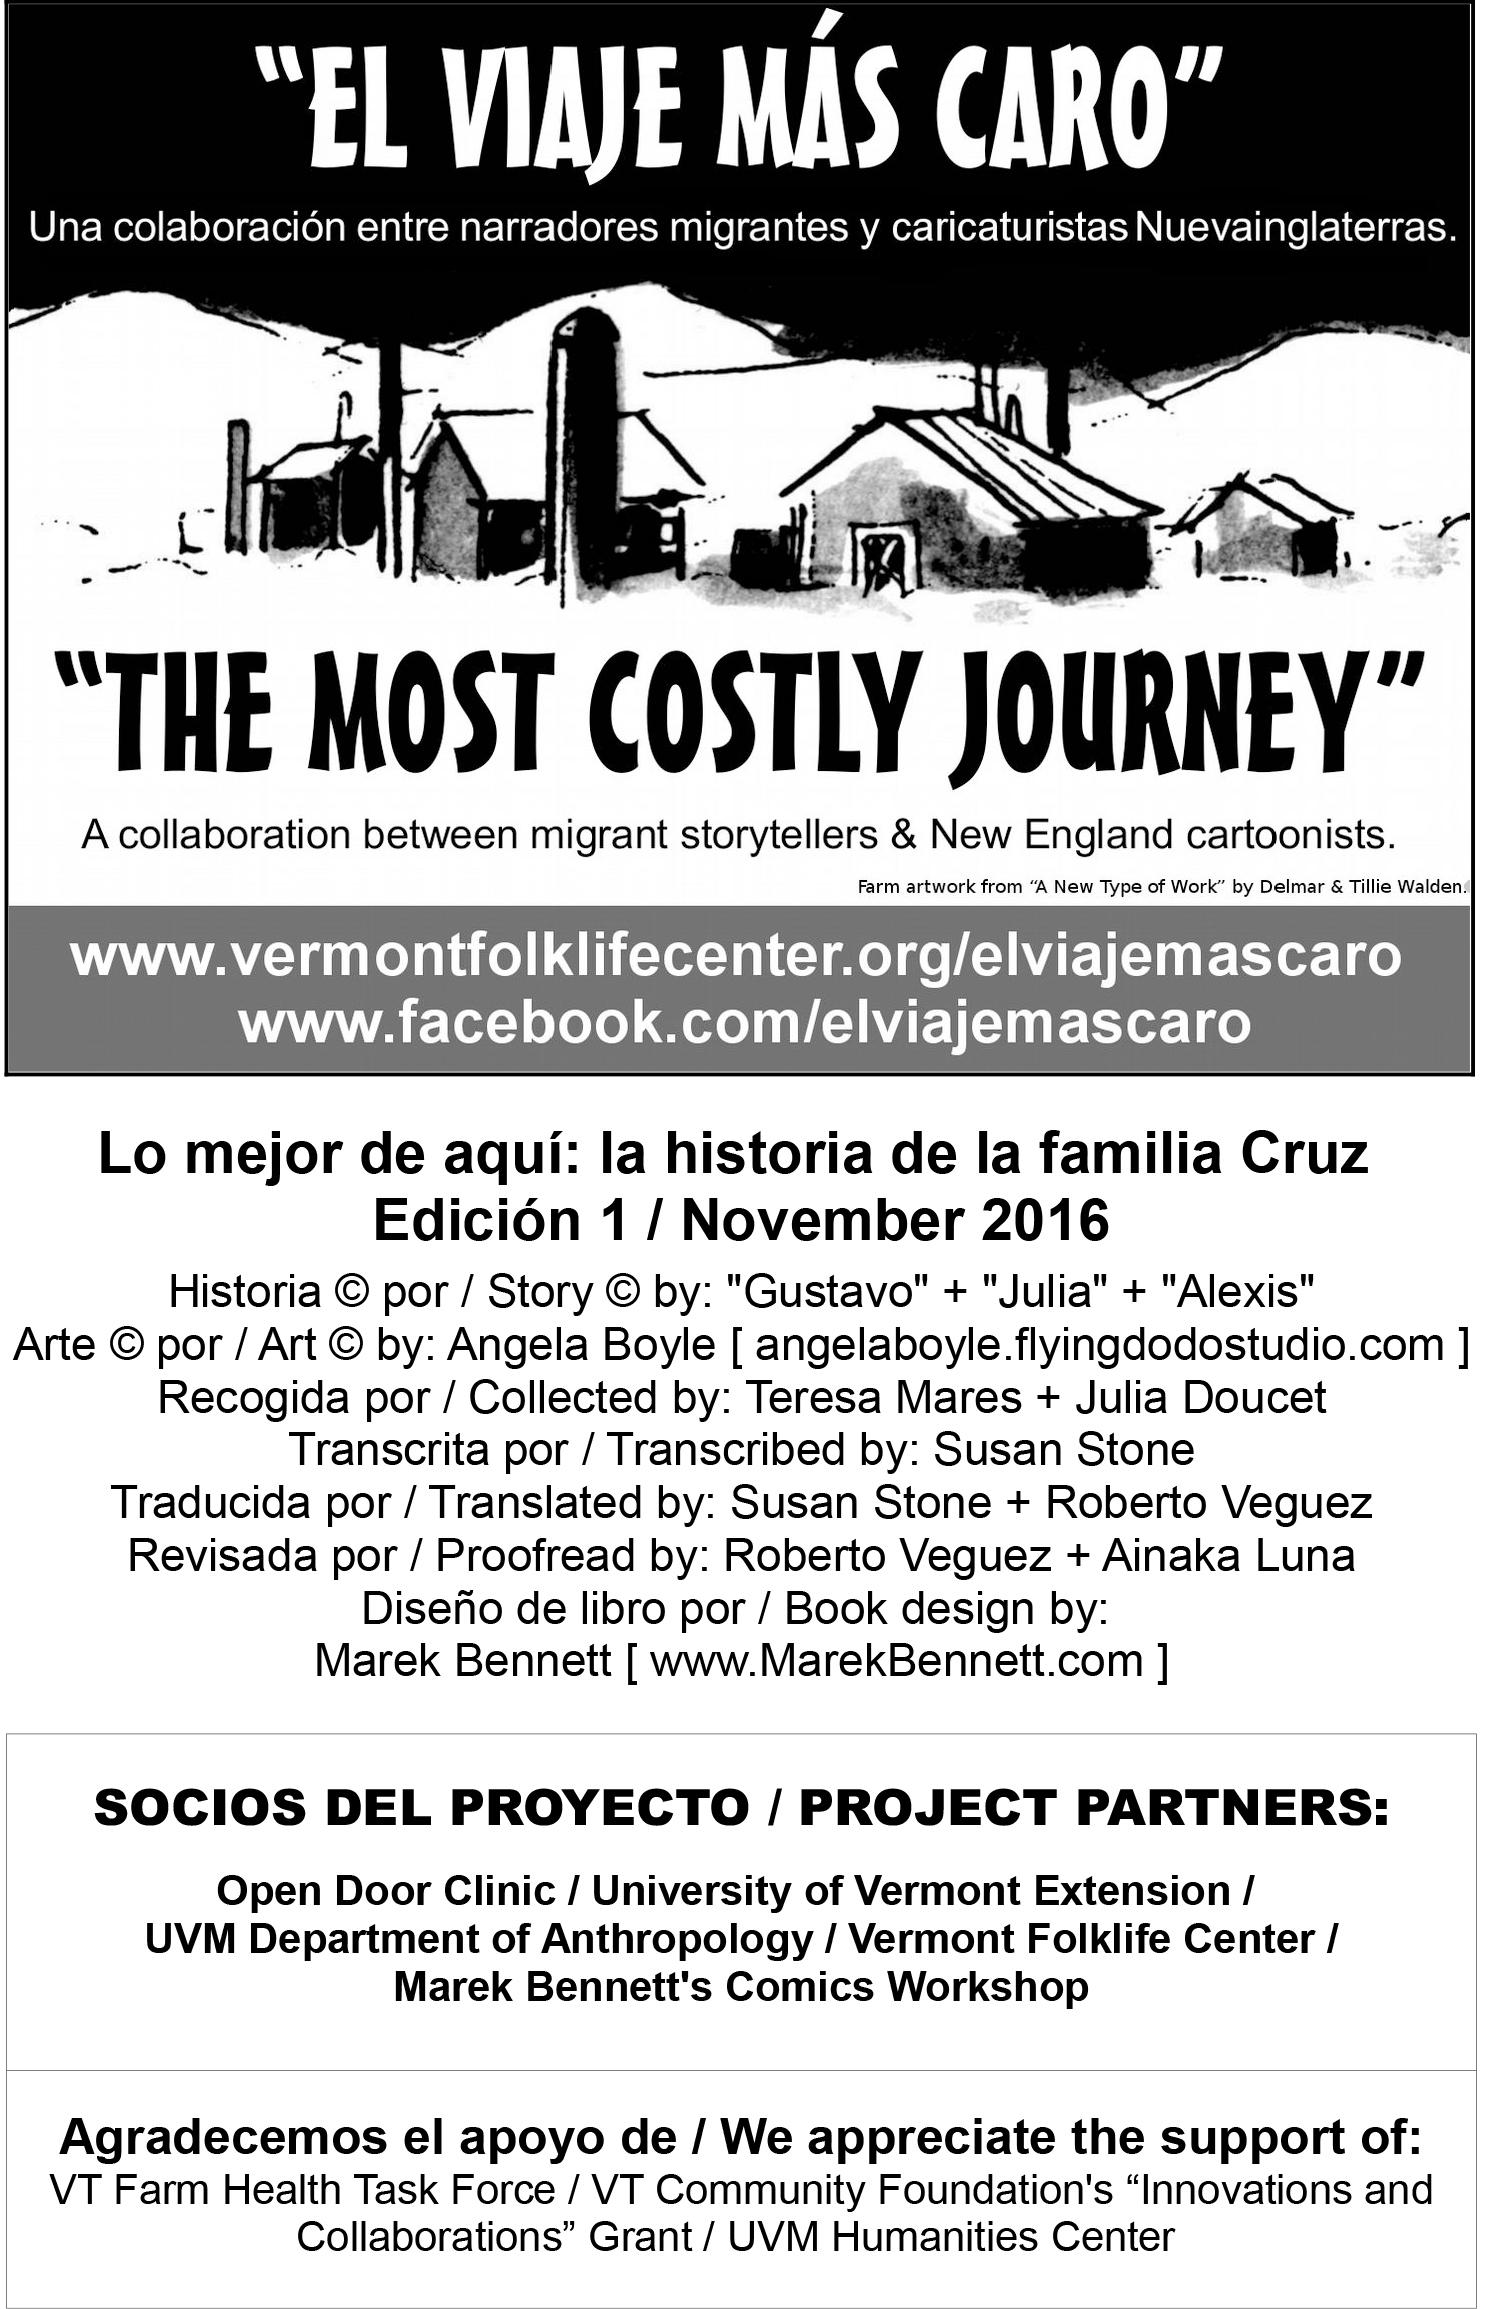 BOOKLET-161101_Cruz_Angela_Digest_ESP-8page-7.jpg